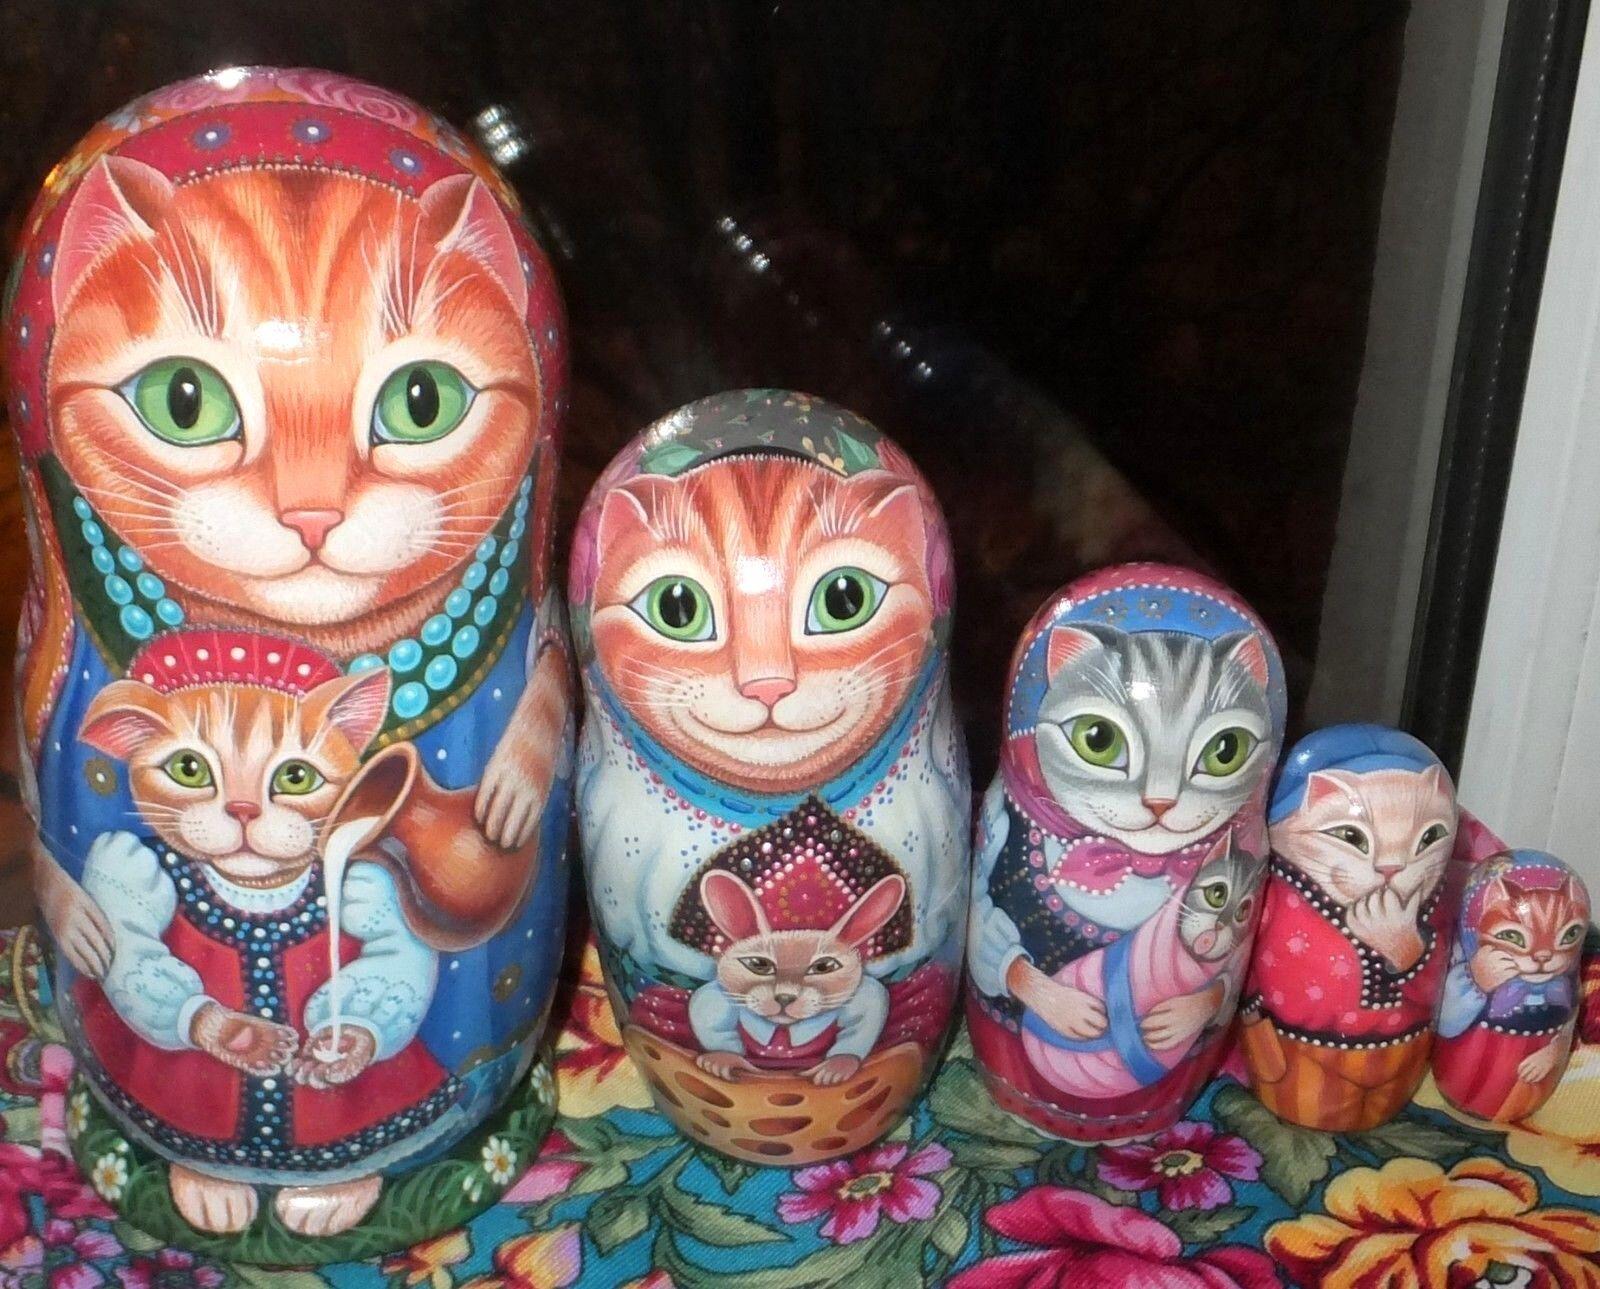 Russian Matryoshka Muñeca Anidación Rusas belleza Gatos Kitty Hecho a Mano Exclusivo